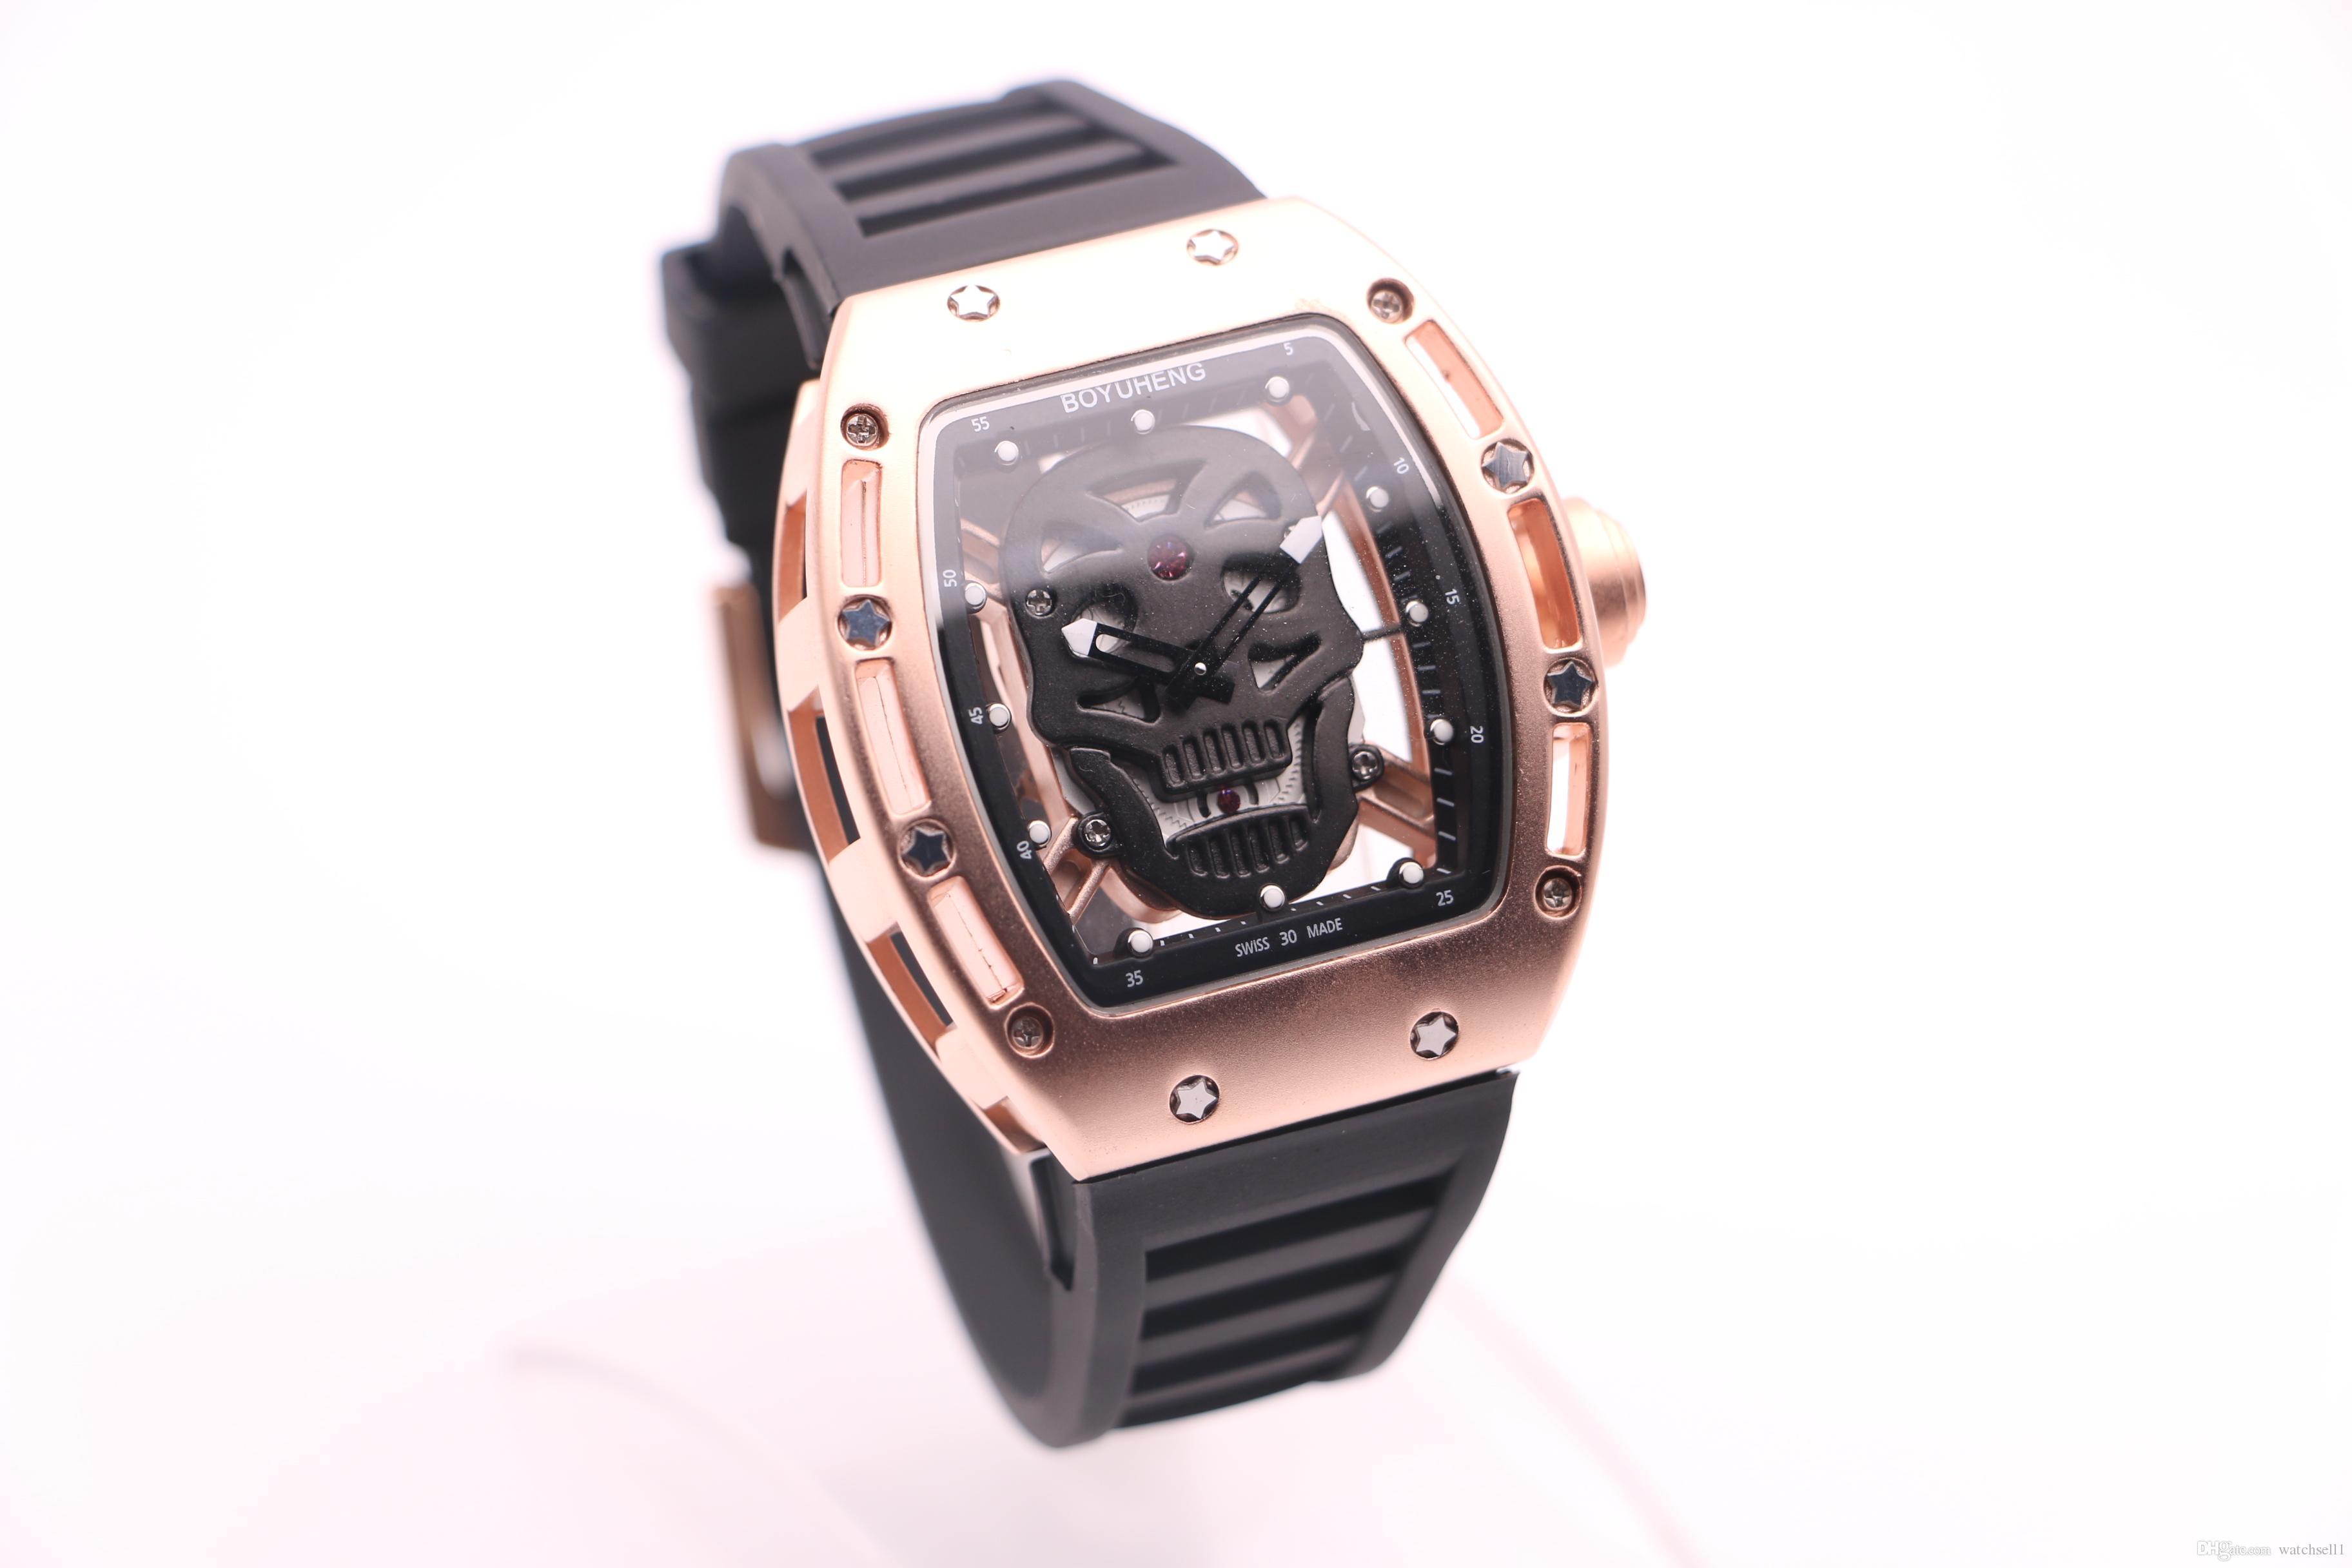 BOYUHENG 052 человек хороший часы черный череп циферблате человека коричневый резиновый коричневый круг золота стальной корпус кварцевые часы